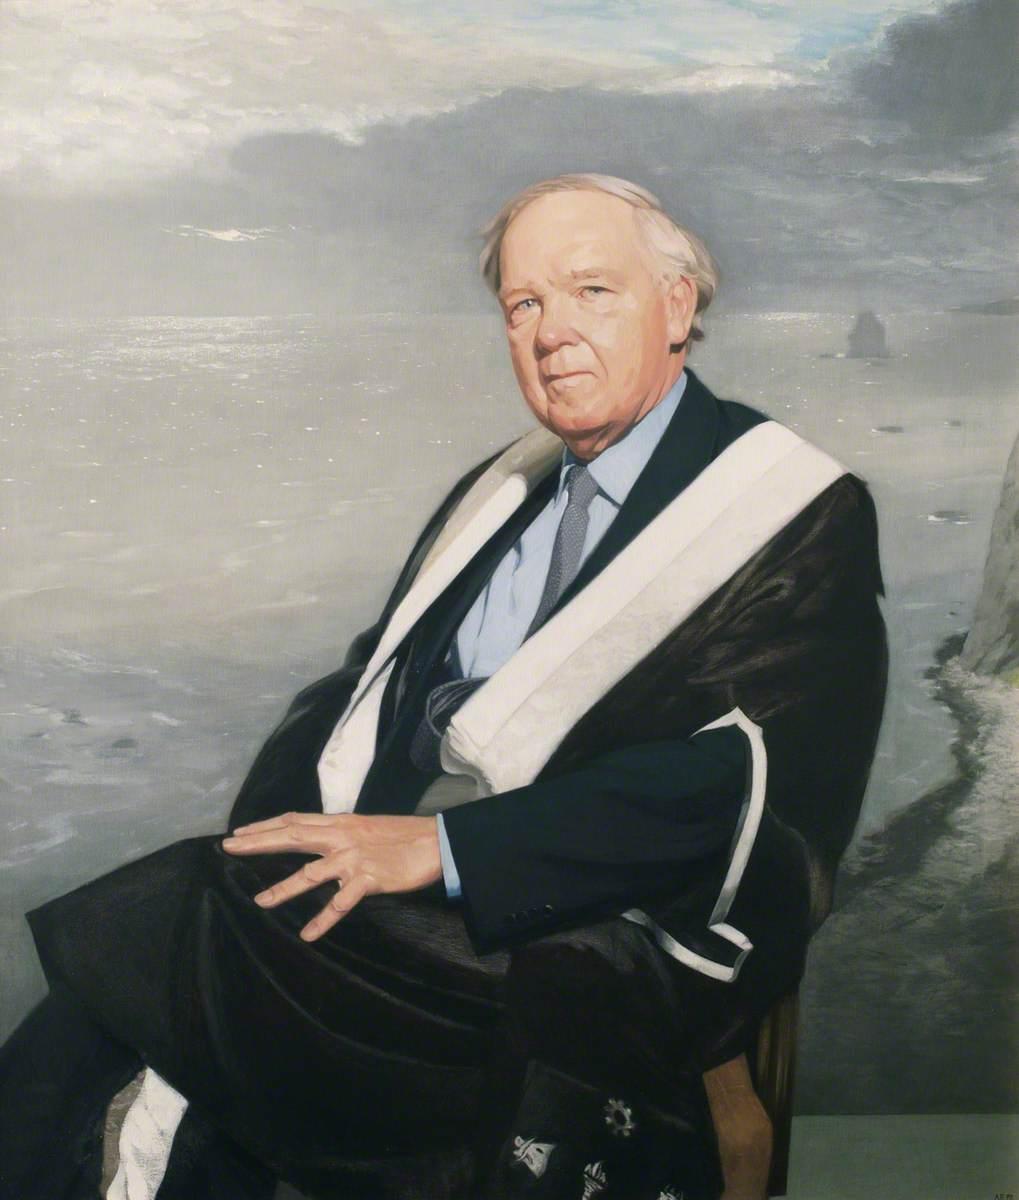 Sir Bob Reid